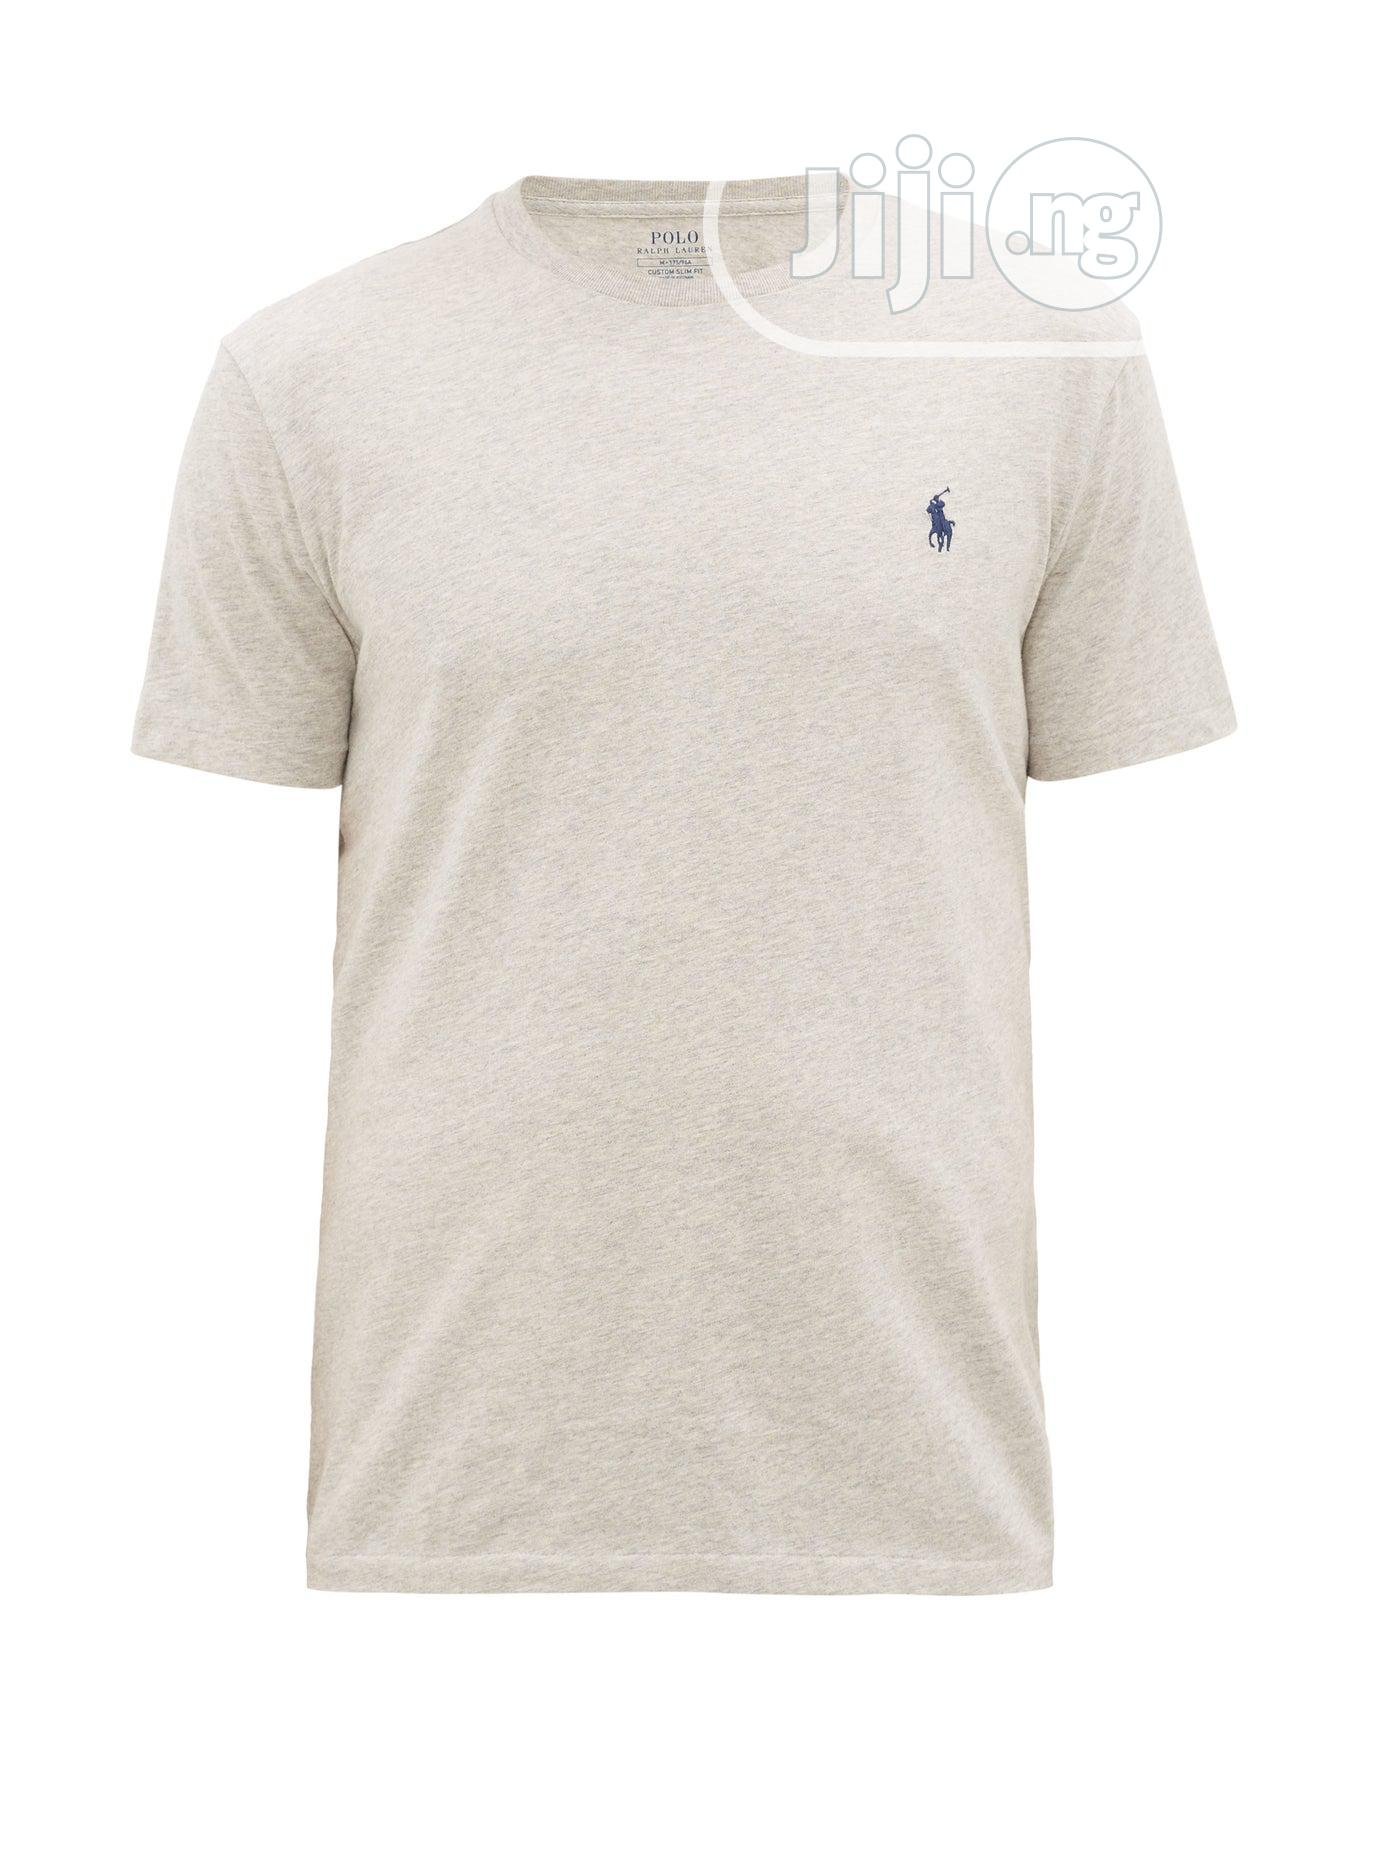 Polo Ralph Lauren's Grey T-Shirt